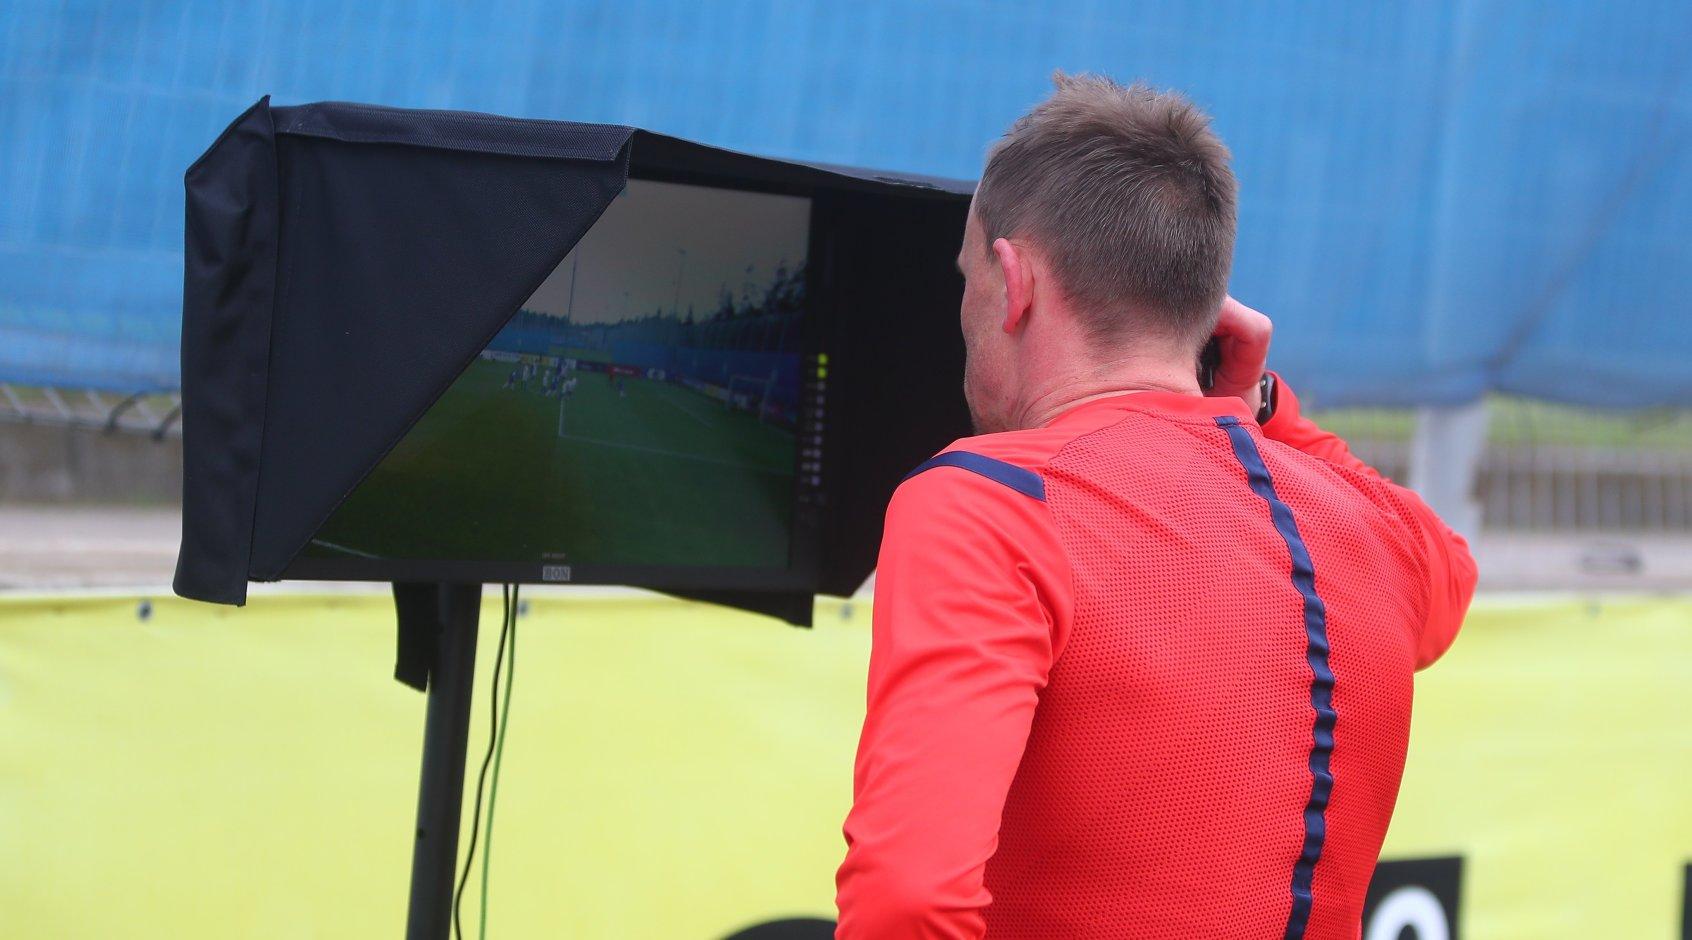 Cистема відеоповторів - вперше у аматорському футболі